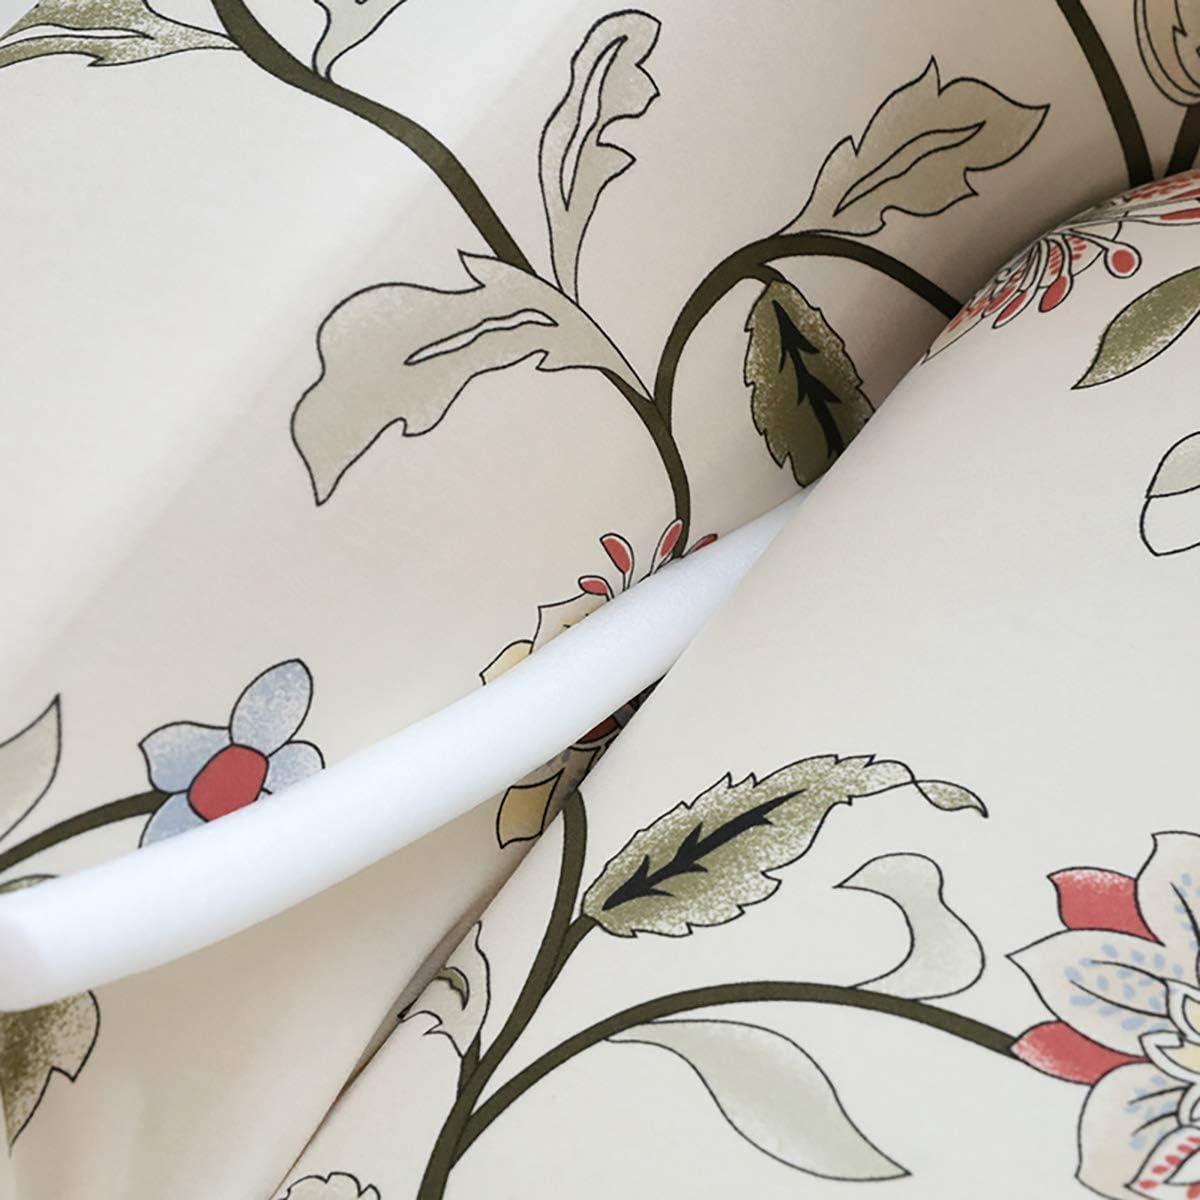 Copridivano elasticizzato per divano a 2 posti con fiore stampato a 2 posti Protezione morbida per divano in poliestere con fodera per divano sul fondo elastico Fiore a vite, 2 posti 145 cm-185 cm